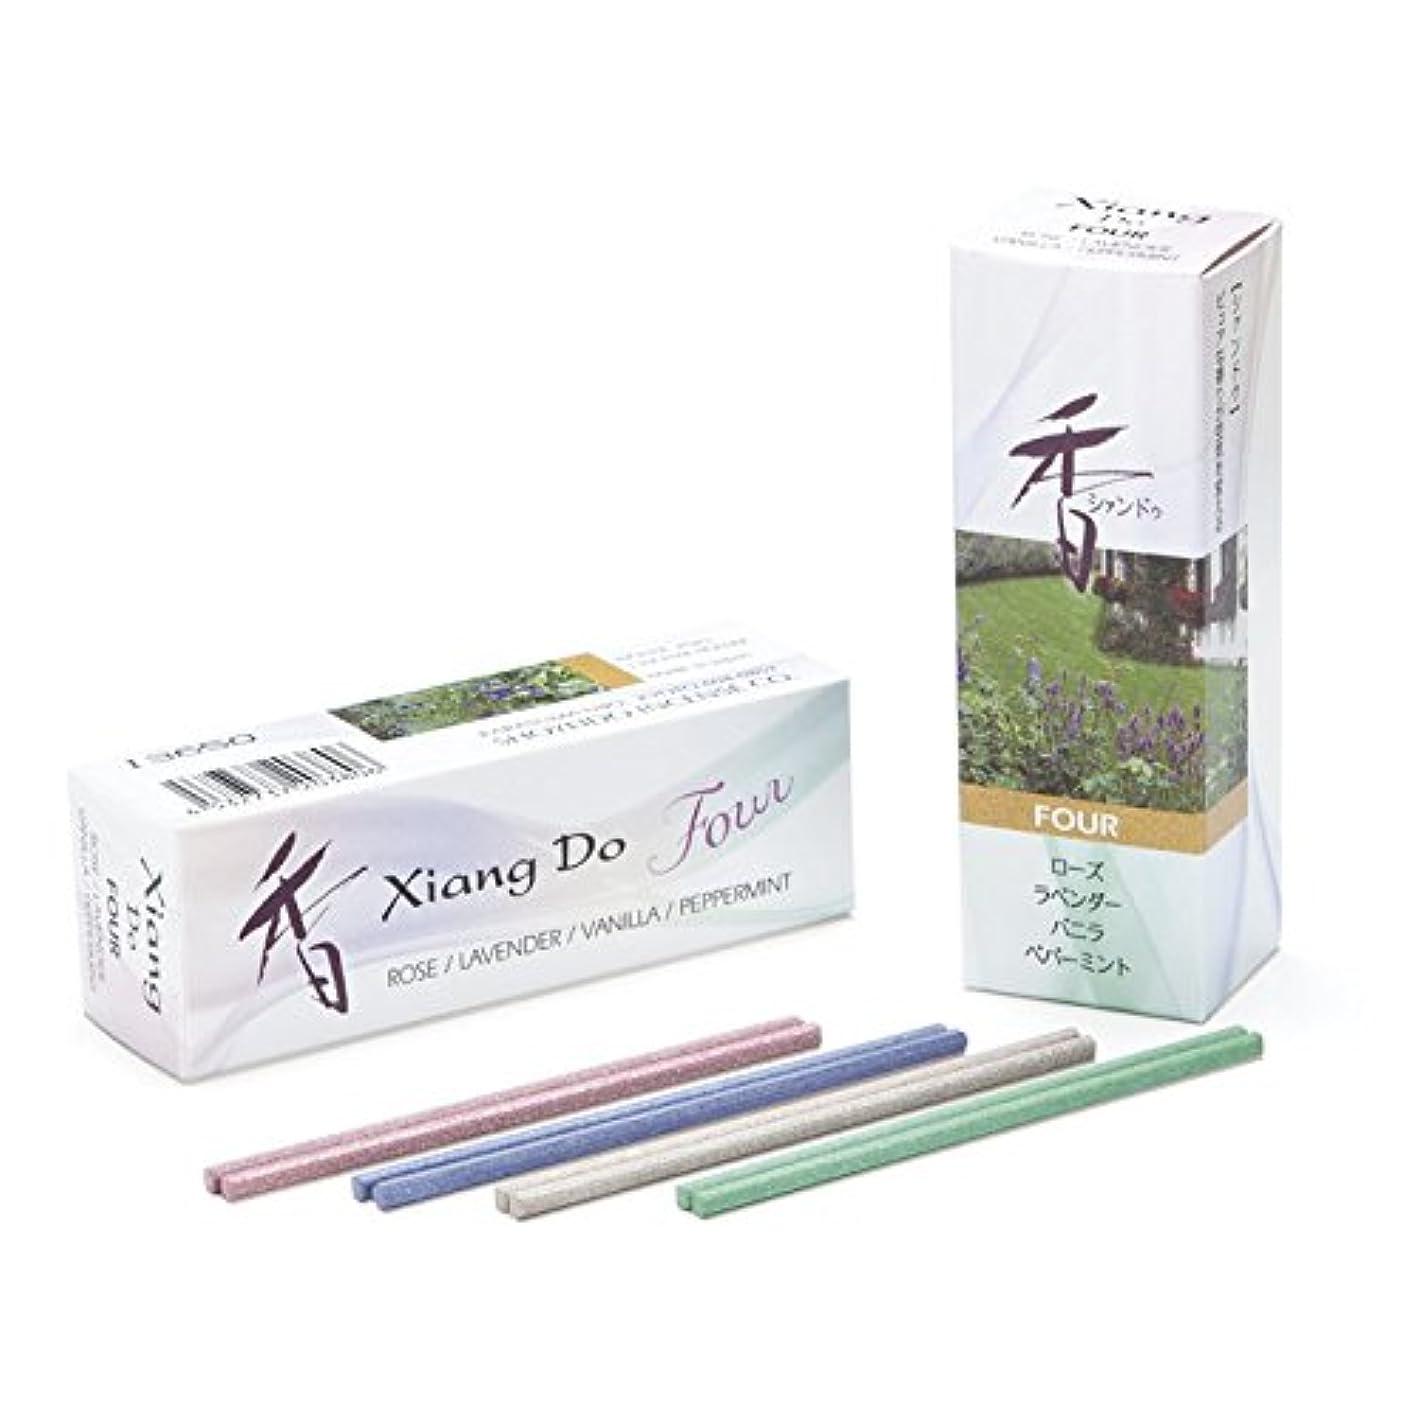 古くなったオピエート解釈Xiang Do Four シャン ドゥ フォー スティック 20本入 (4種各5本) 簡易香立付 日本製